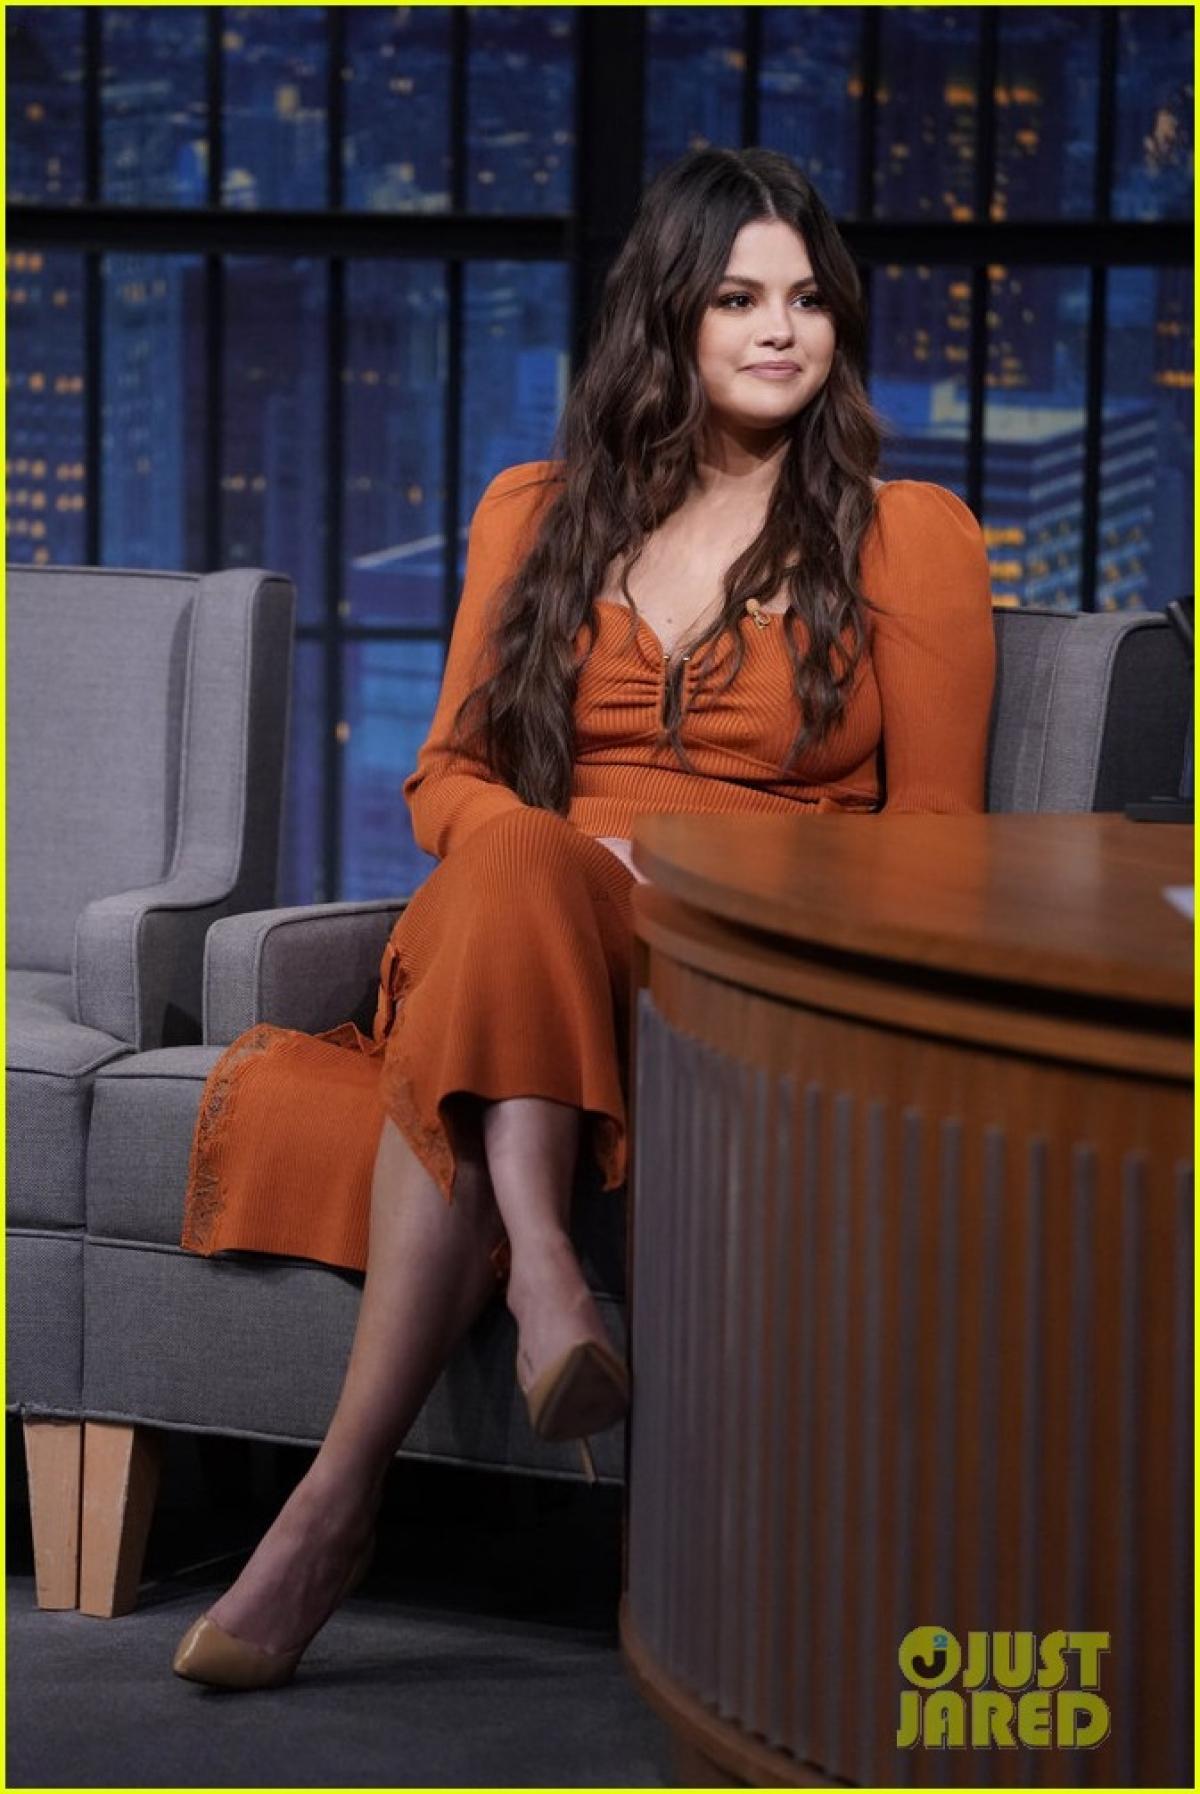 Selena Gomez tăng cân rõ rệt, để lộ thân hình phát tướng